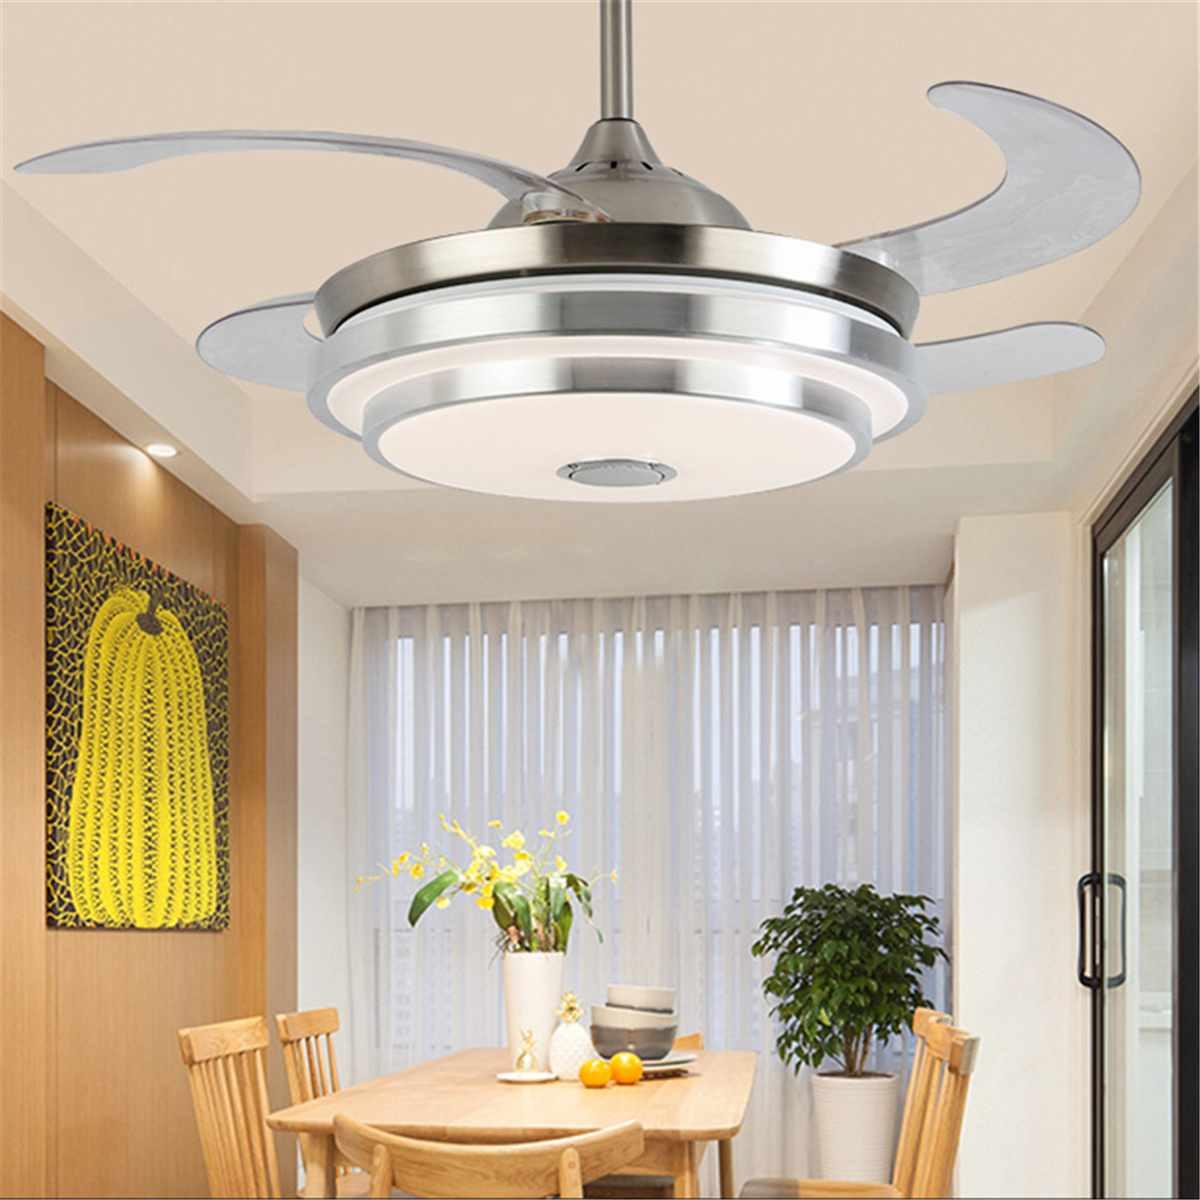 Moderna HA PORTATO A Soffitto Con La Luce Pieghevole Lampada Ventilatore A Soffitto Sala da pranzo Soggiorno 7 Cambiamento di Colore Musica APP Remote di controllo - 4